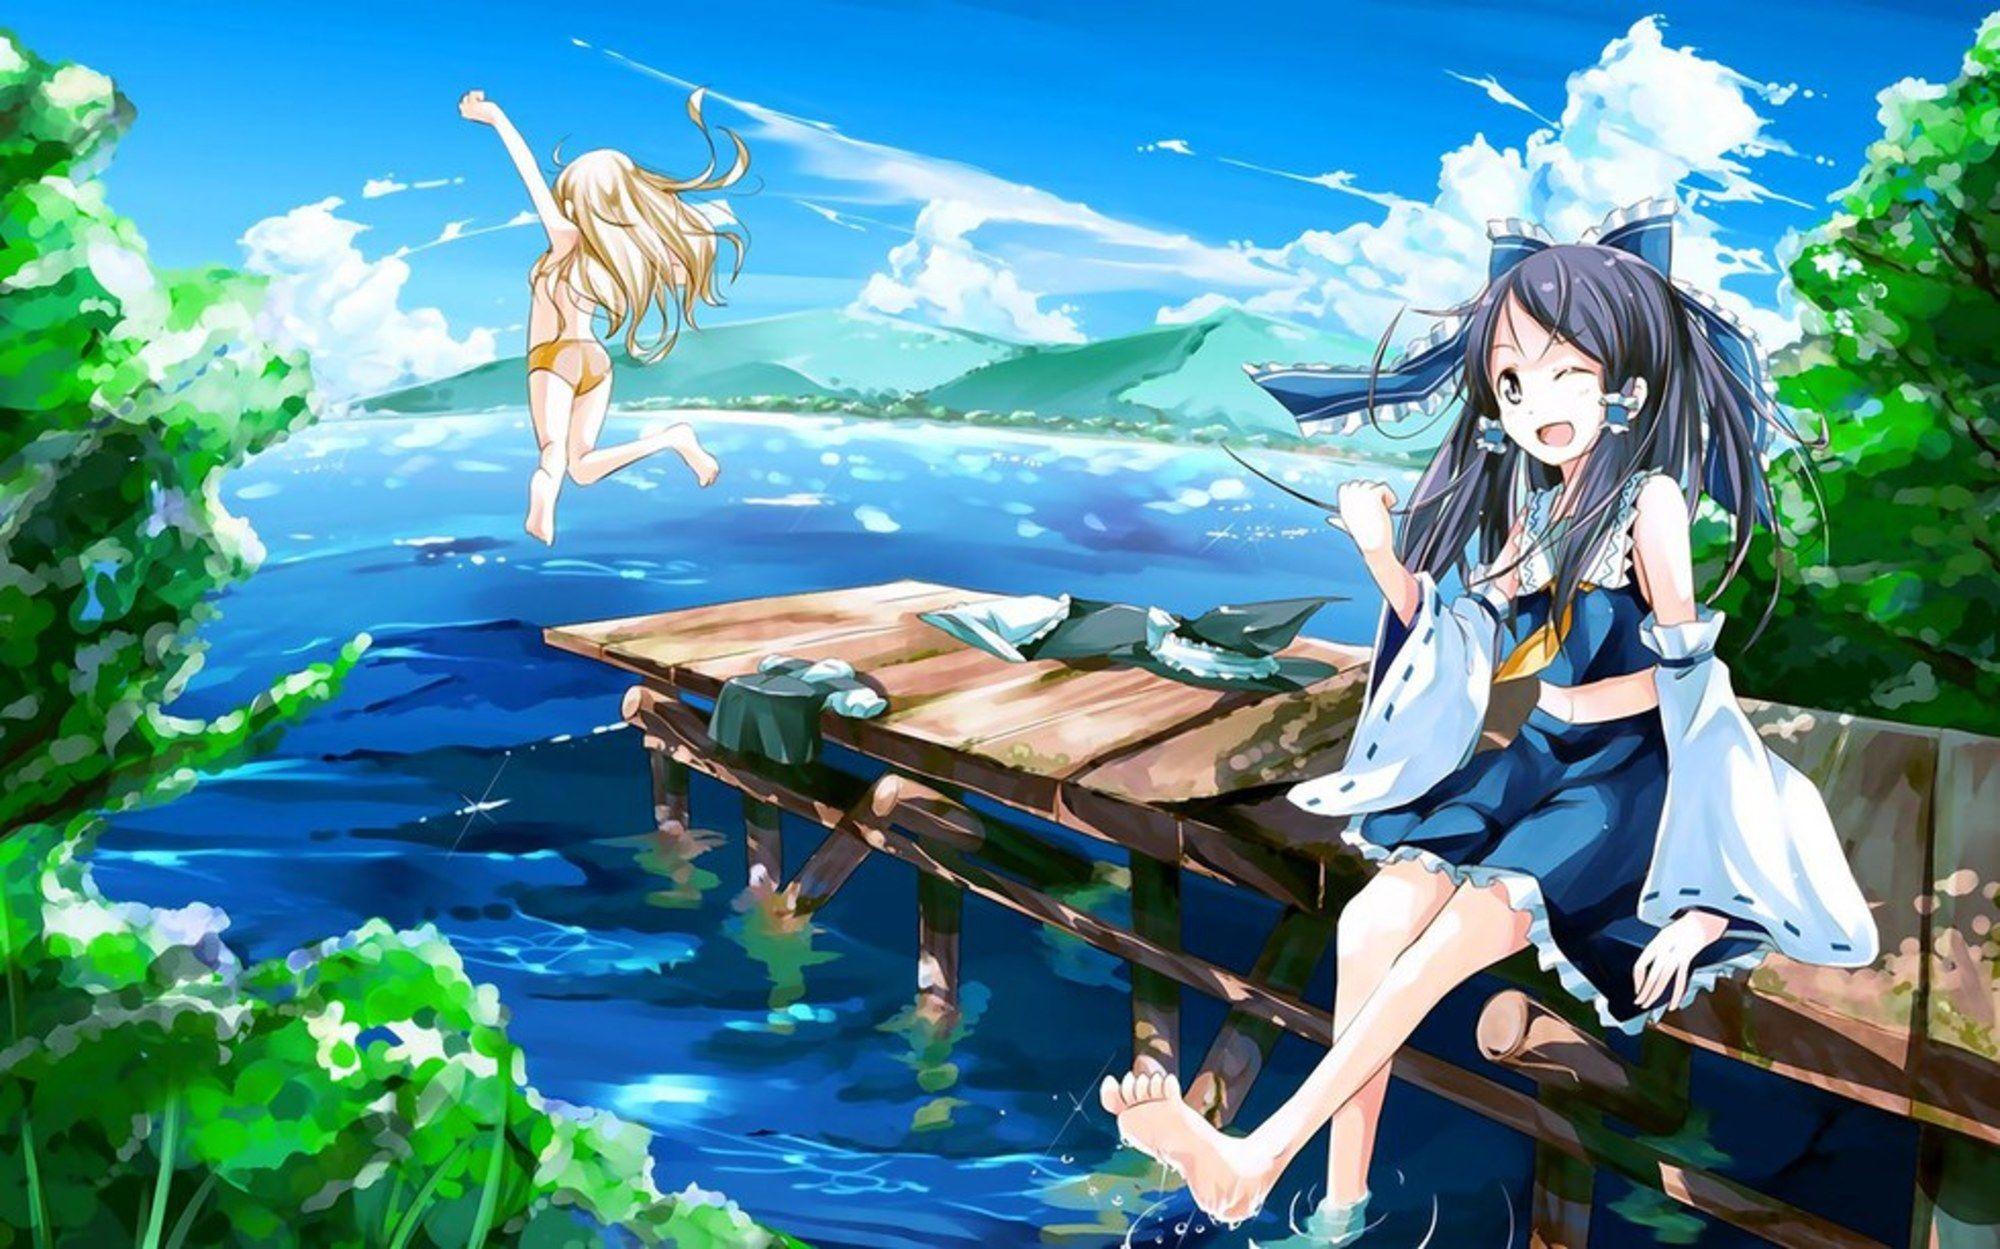 Kết quả hình ảnh cho ảnh anime mùa hè   Anime, Mùa hè, Hình ảnh